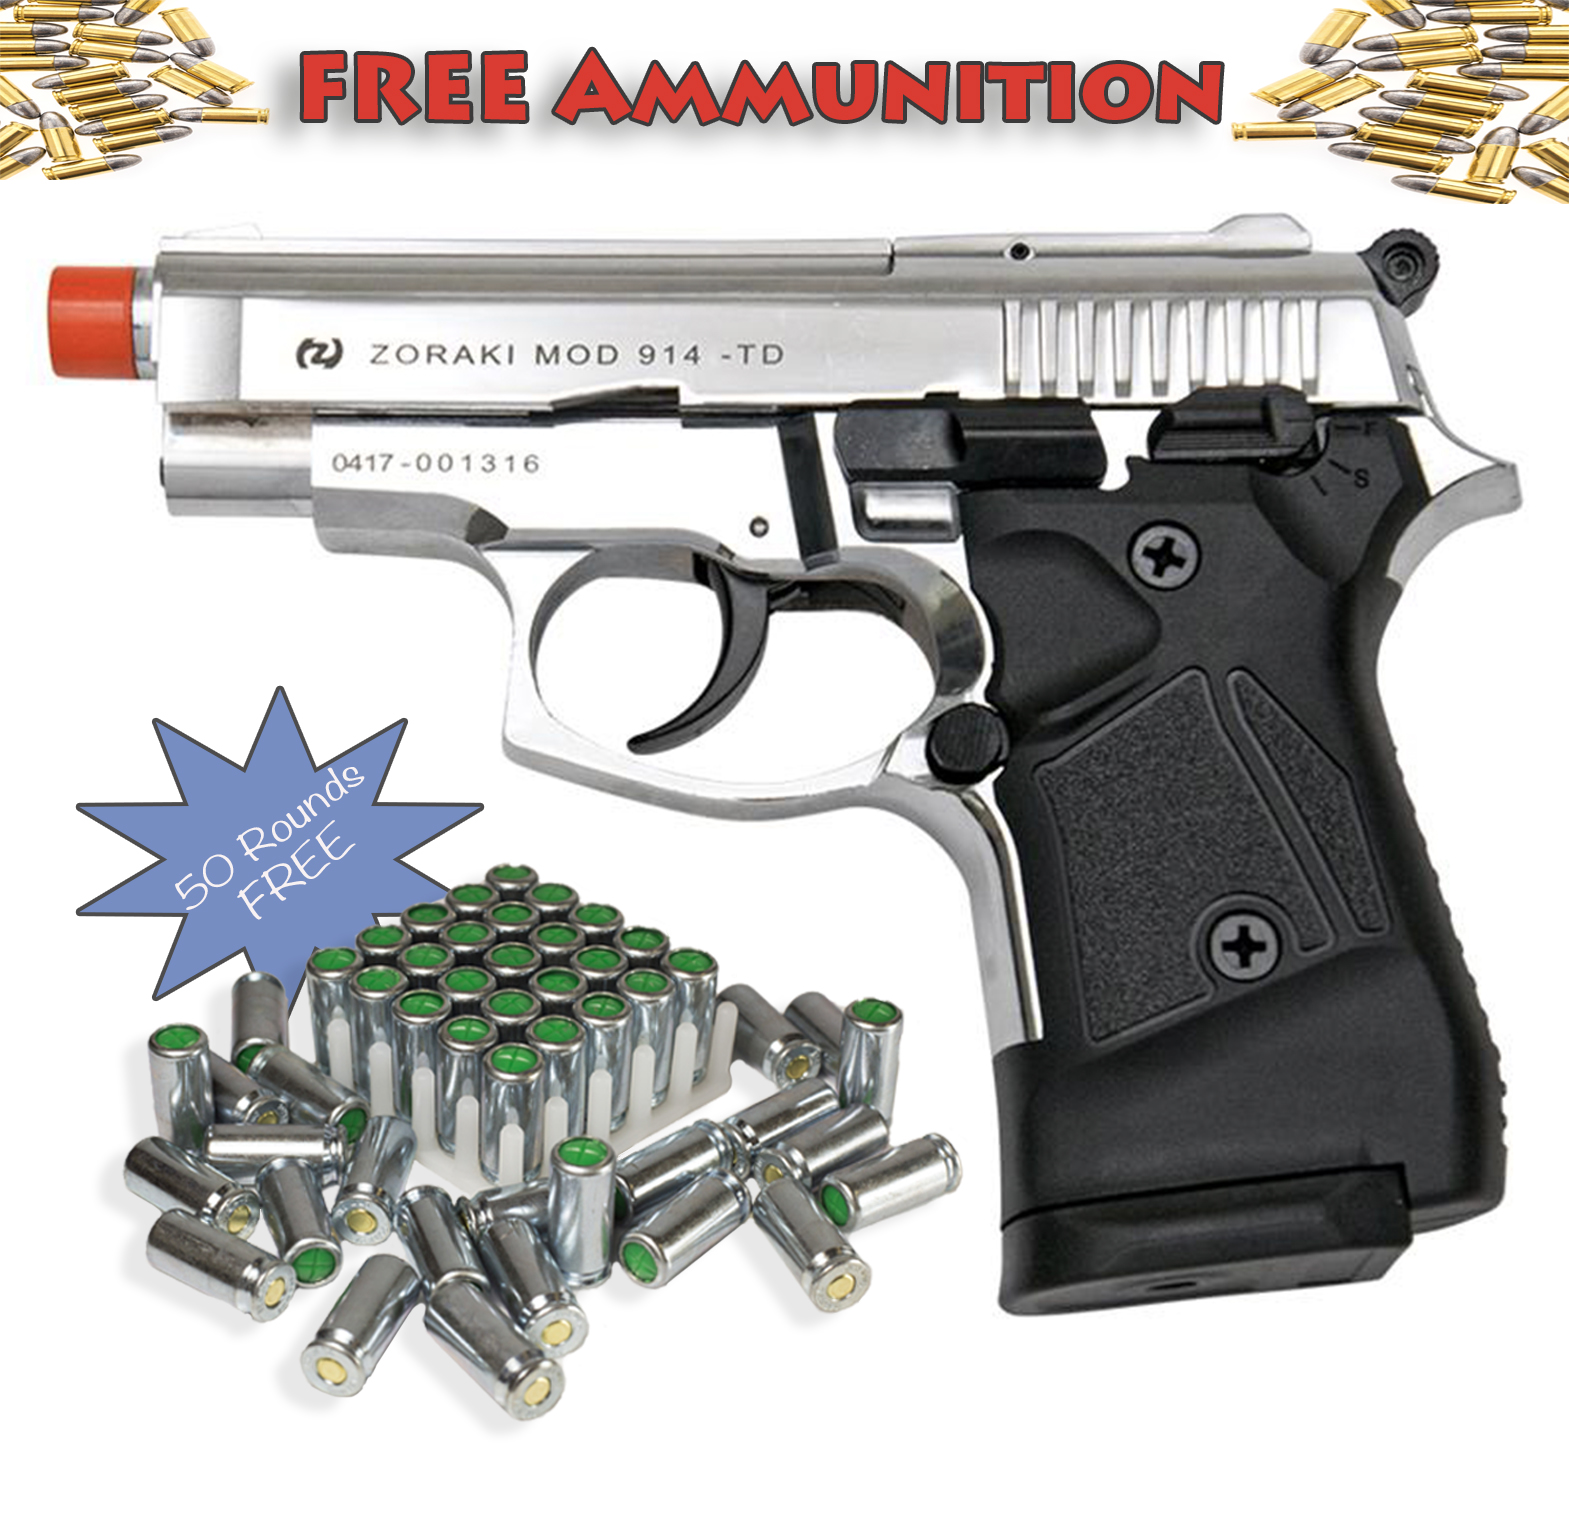 Zoraki Front Firing M914 Chrome Finish 9mm Blank Gun Pistol